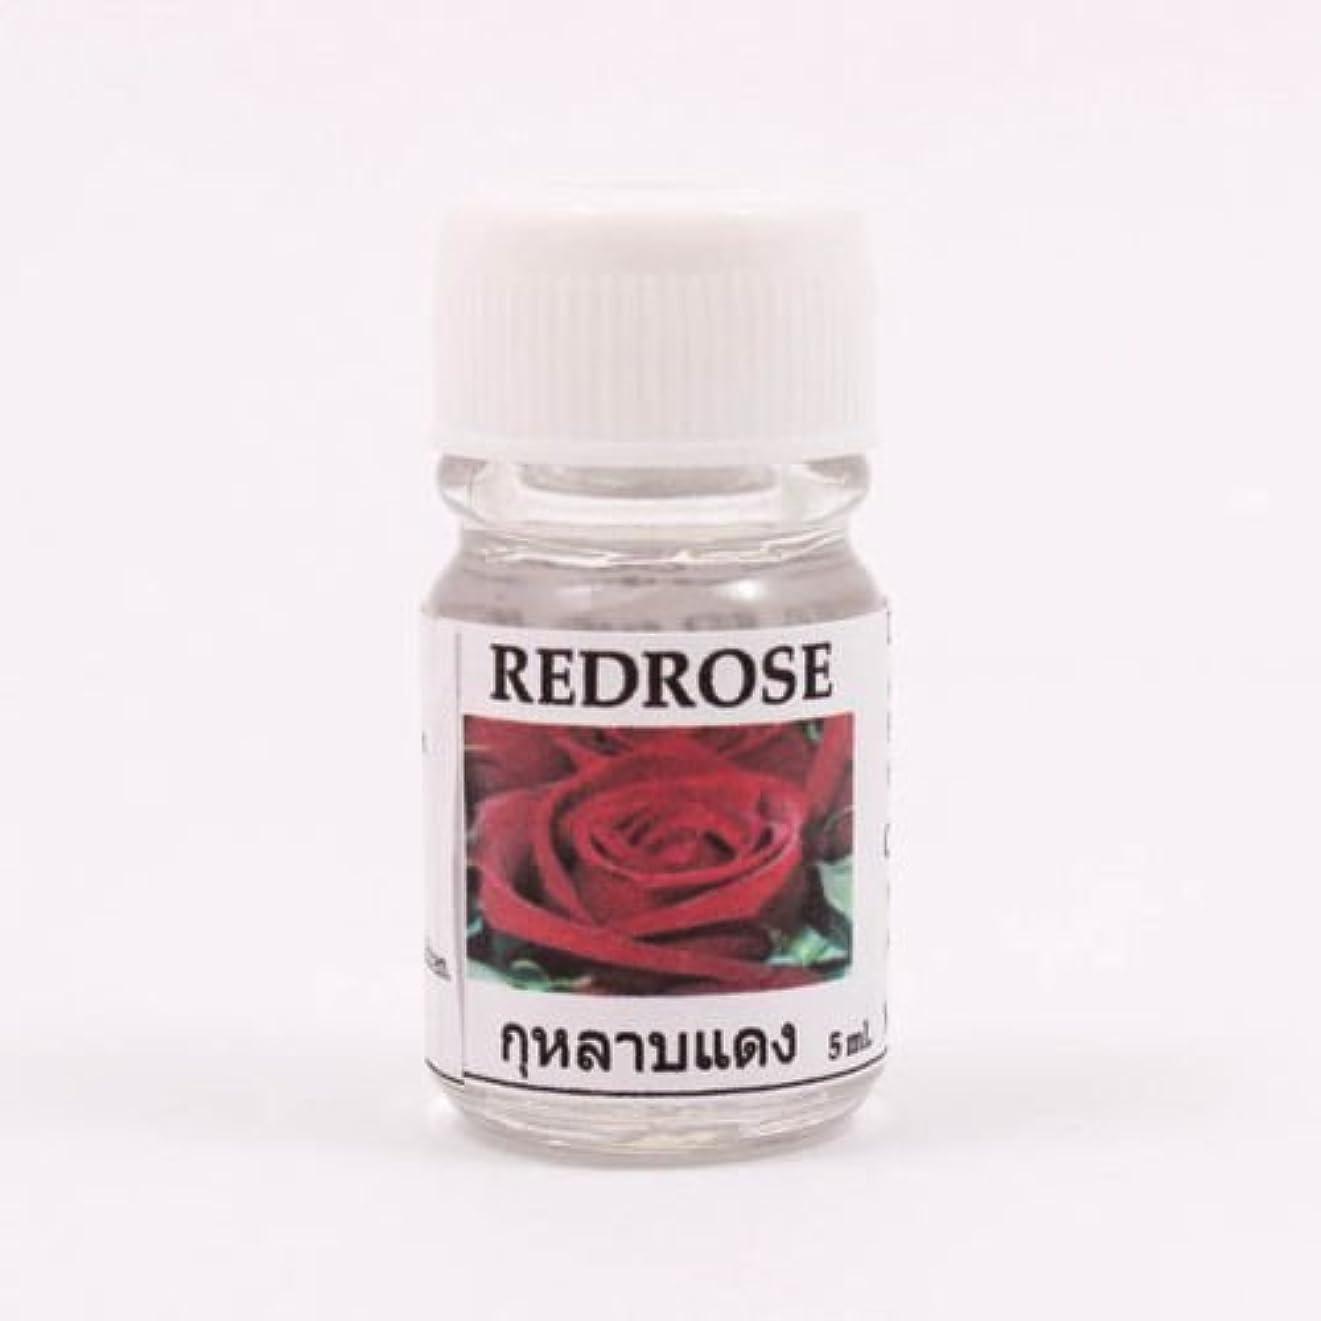 愛情振る舞う属性6X Red Rose Aroma Fragrance Essential Oil 5ML (cc) Diffuser Burner Therapy